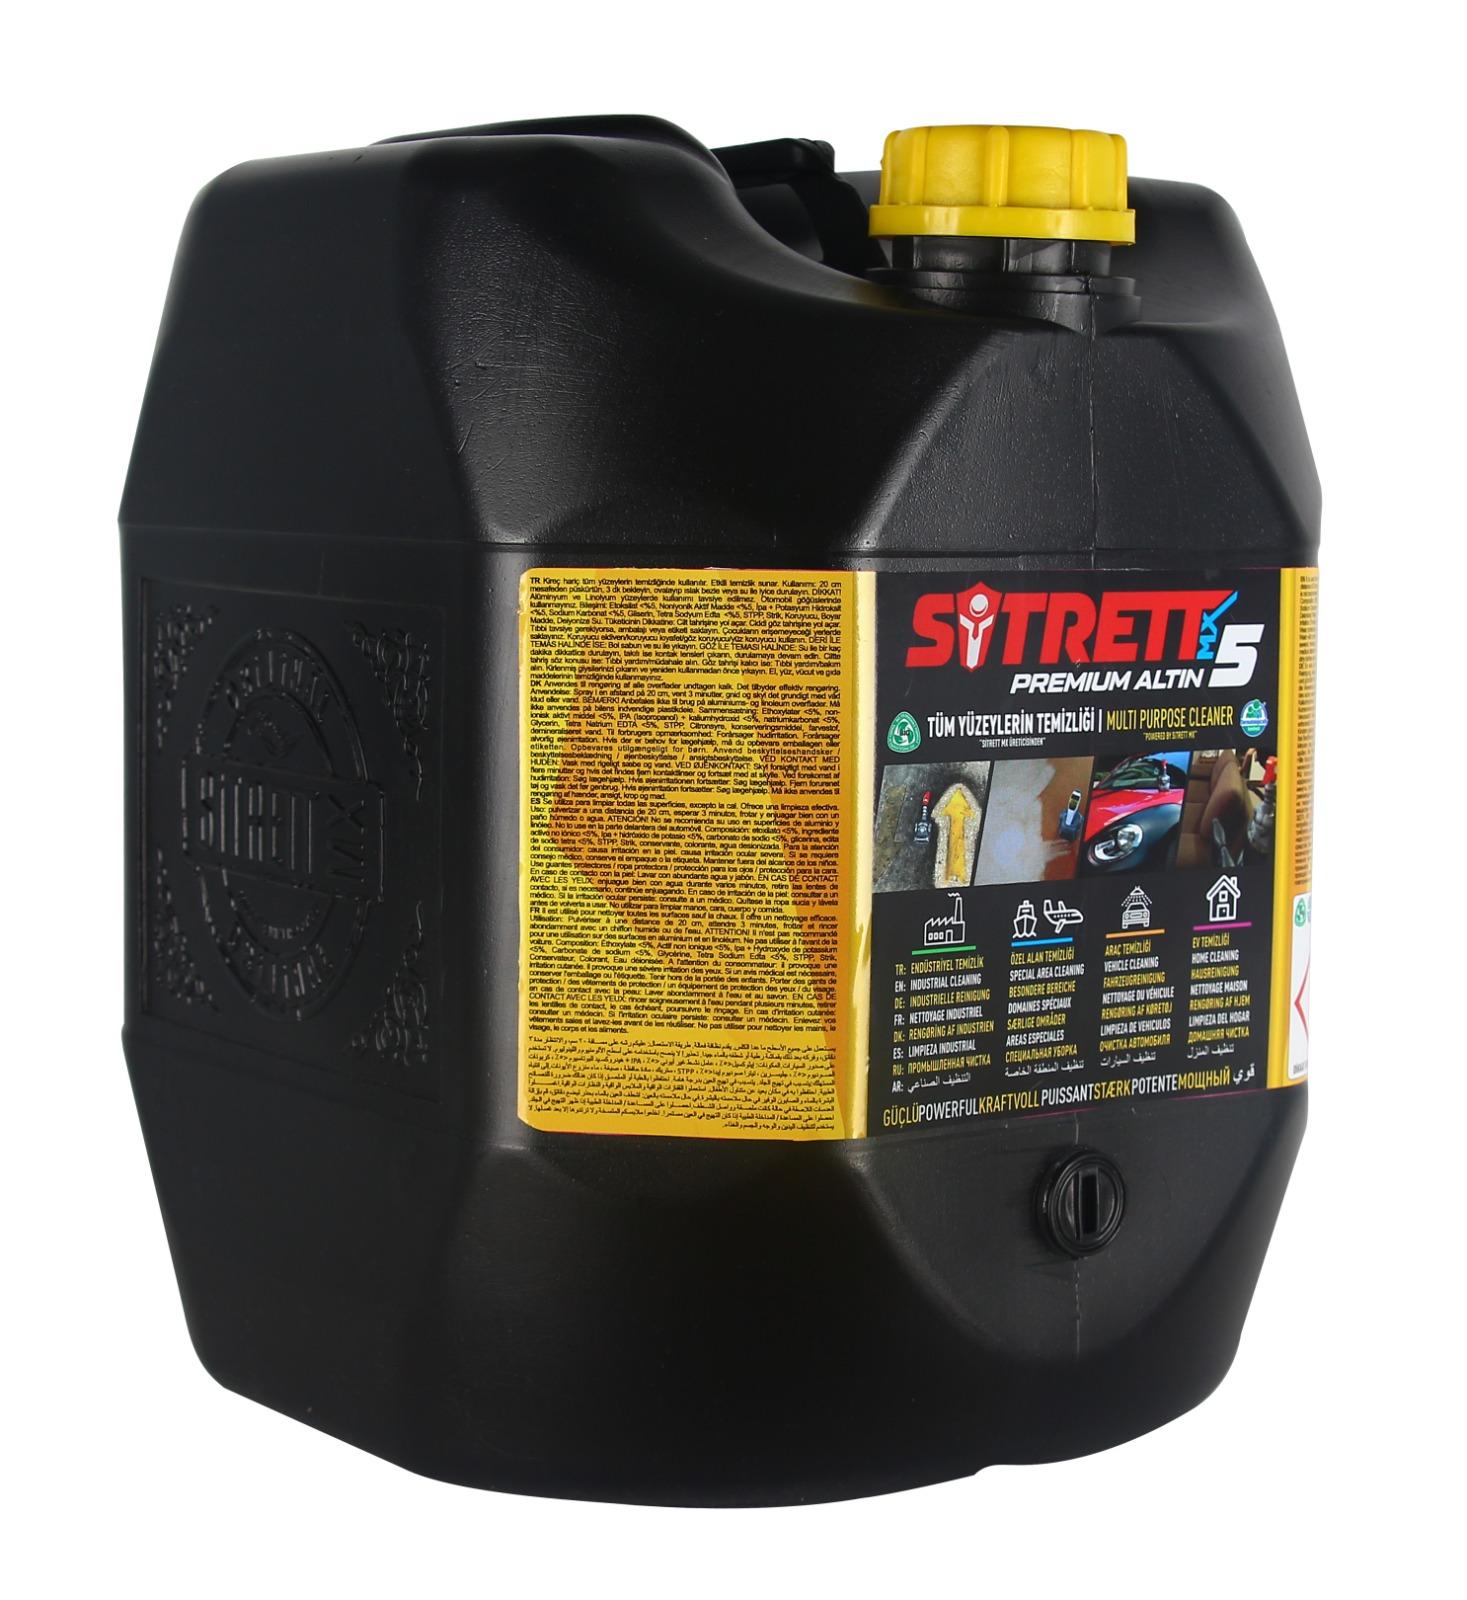 SITRETT MX5 PREMIUM 30 KG GOLD